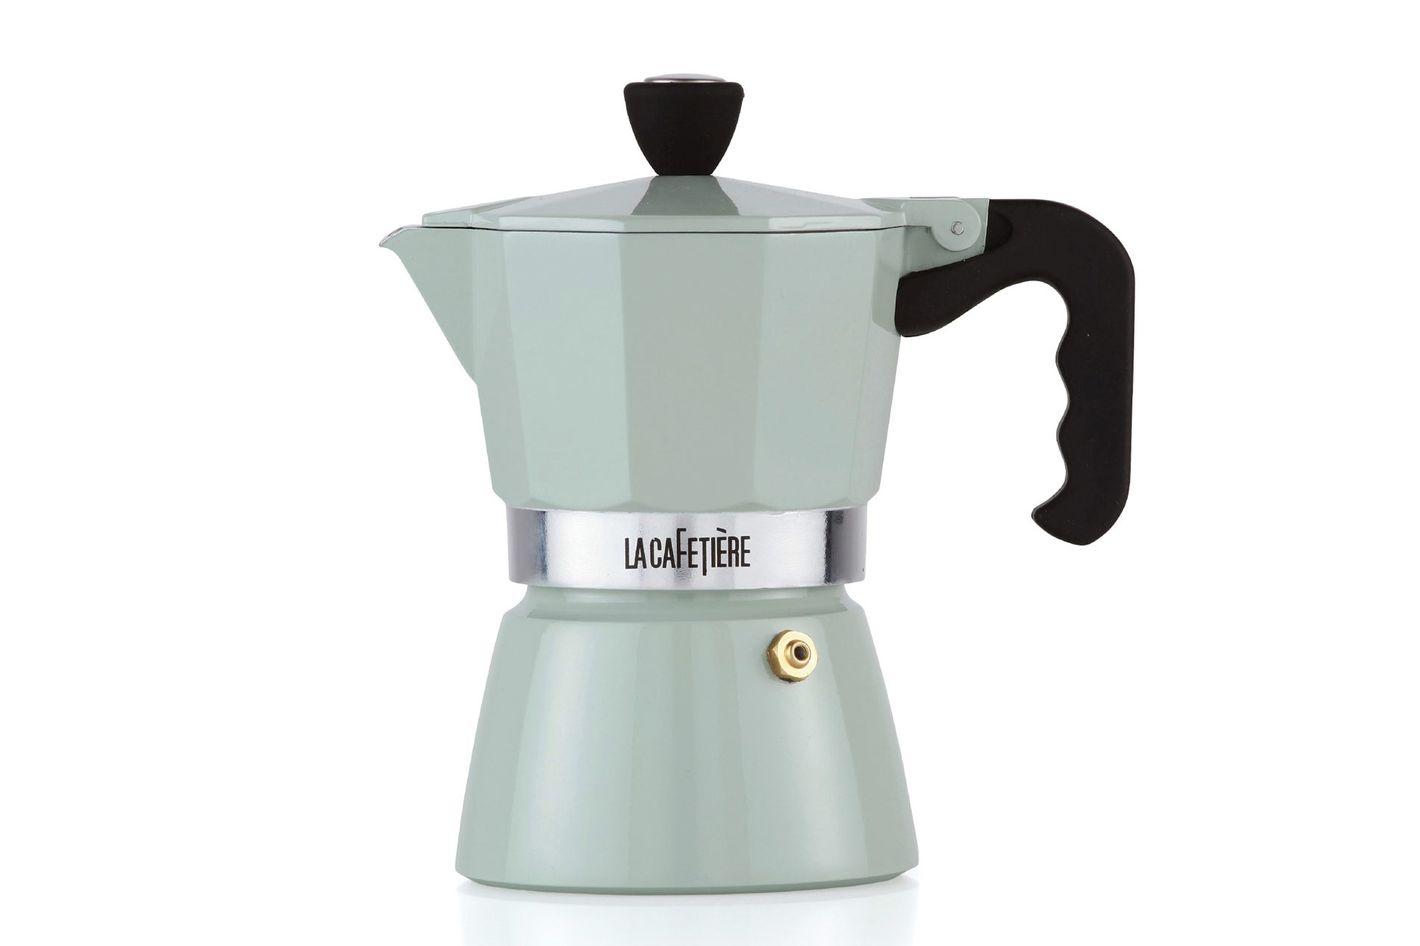 La Cafetiere 3 Cup Espresso Coffee Maker